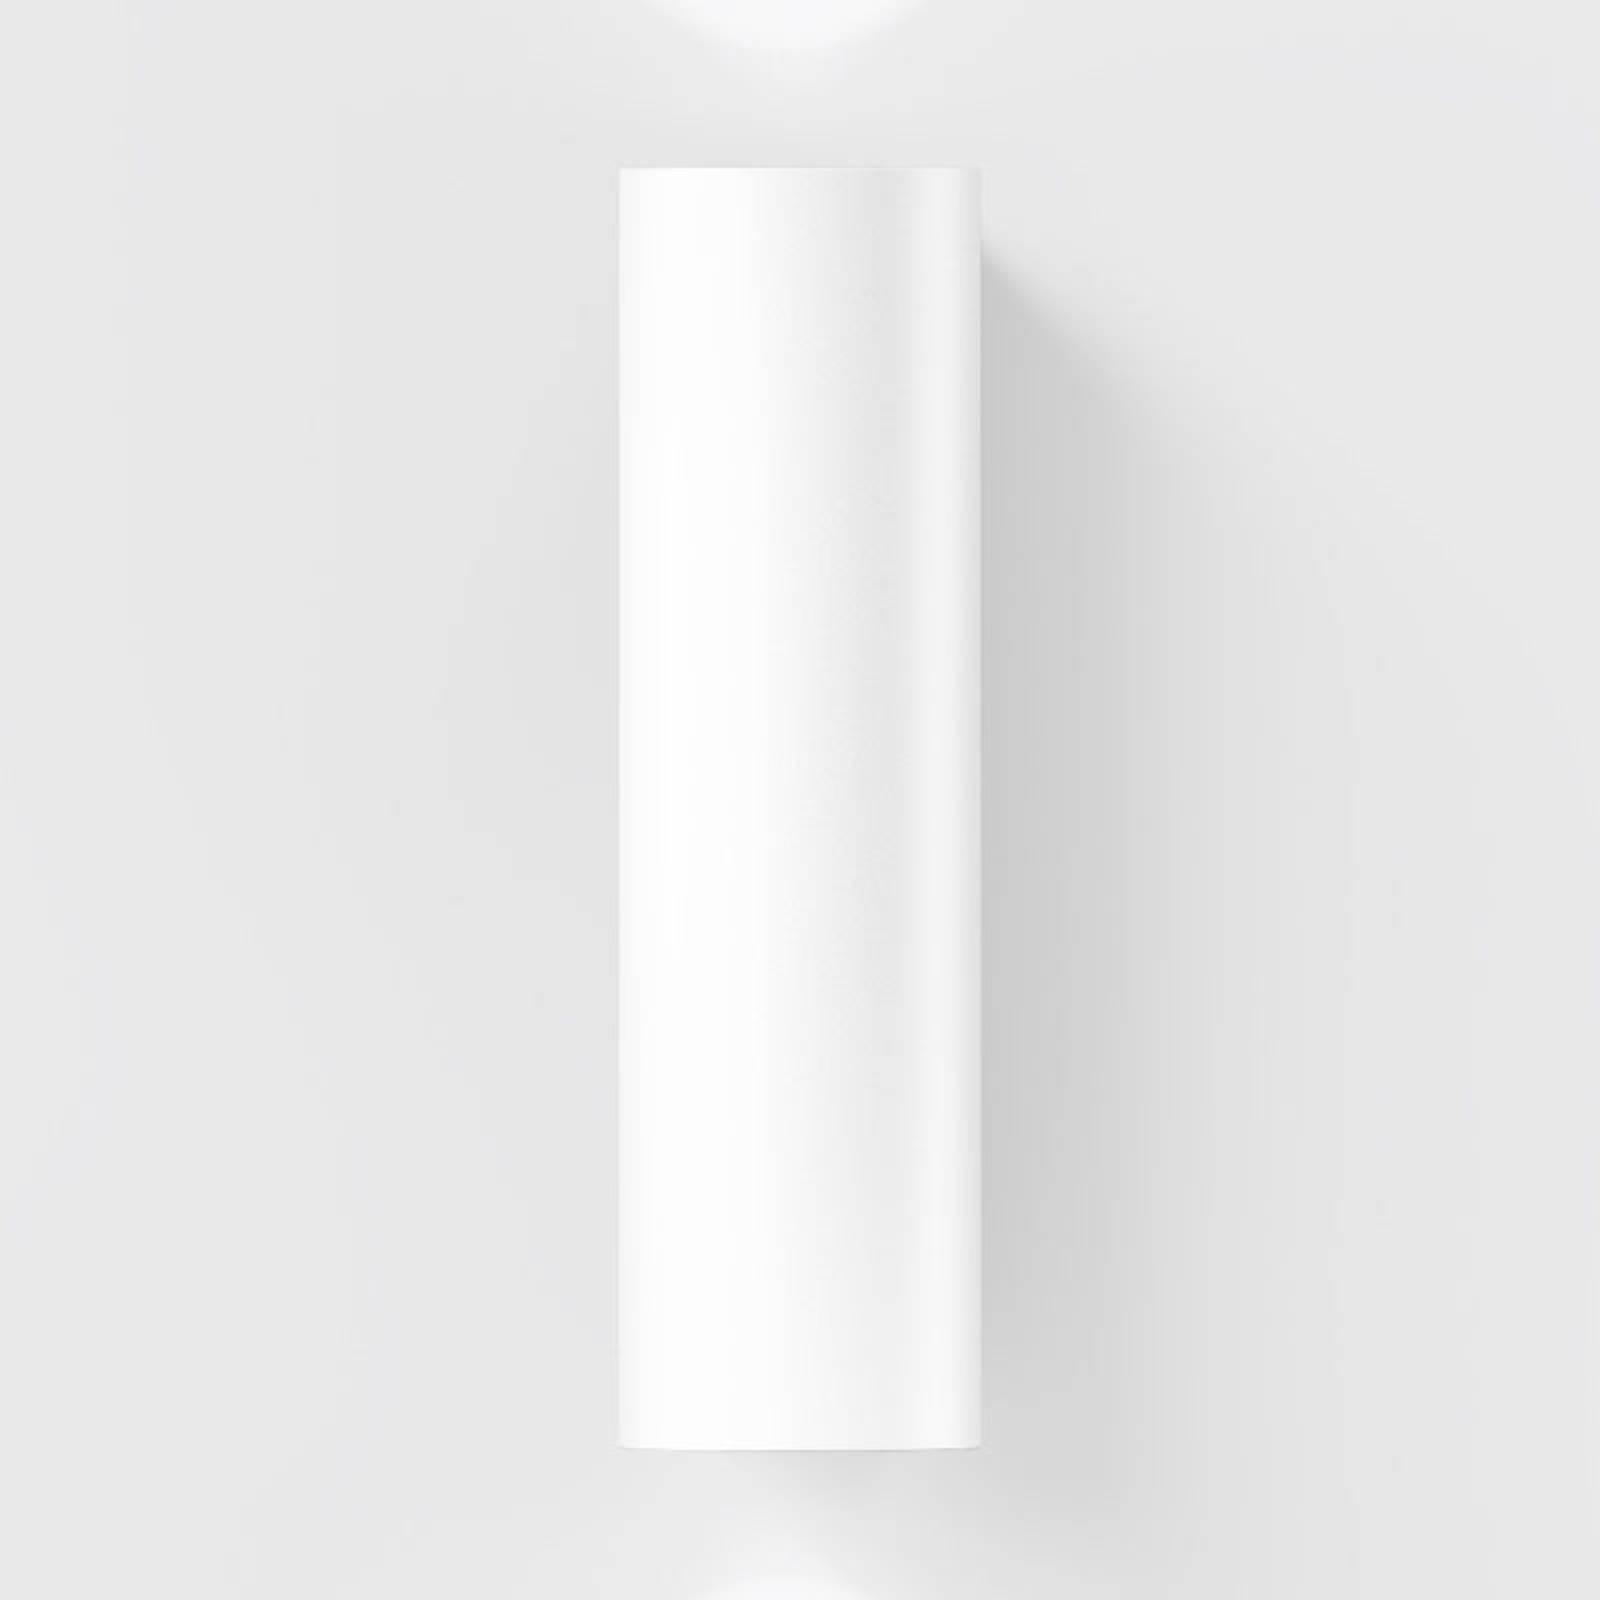 IP44.de Scap LED-Außenwandleuchte, pure white